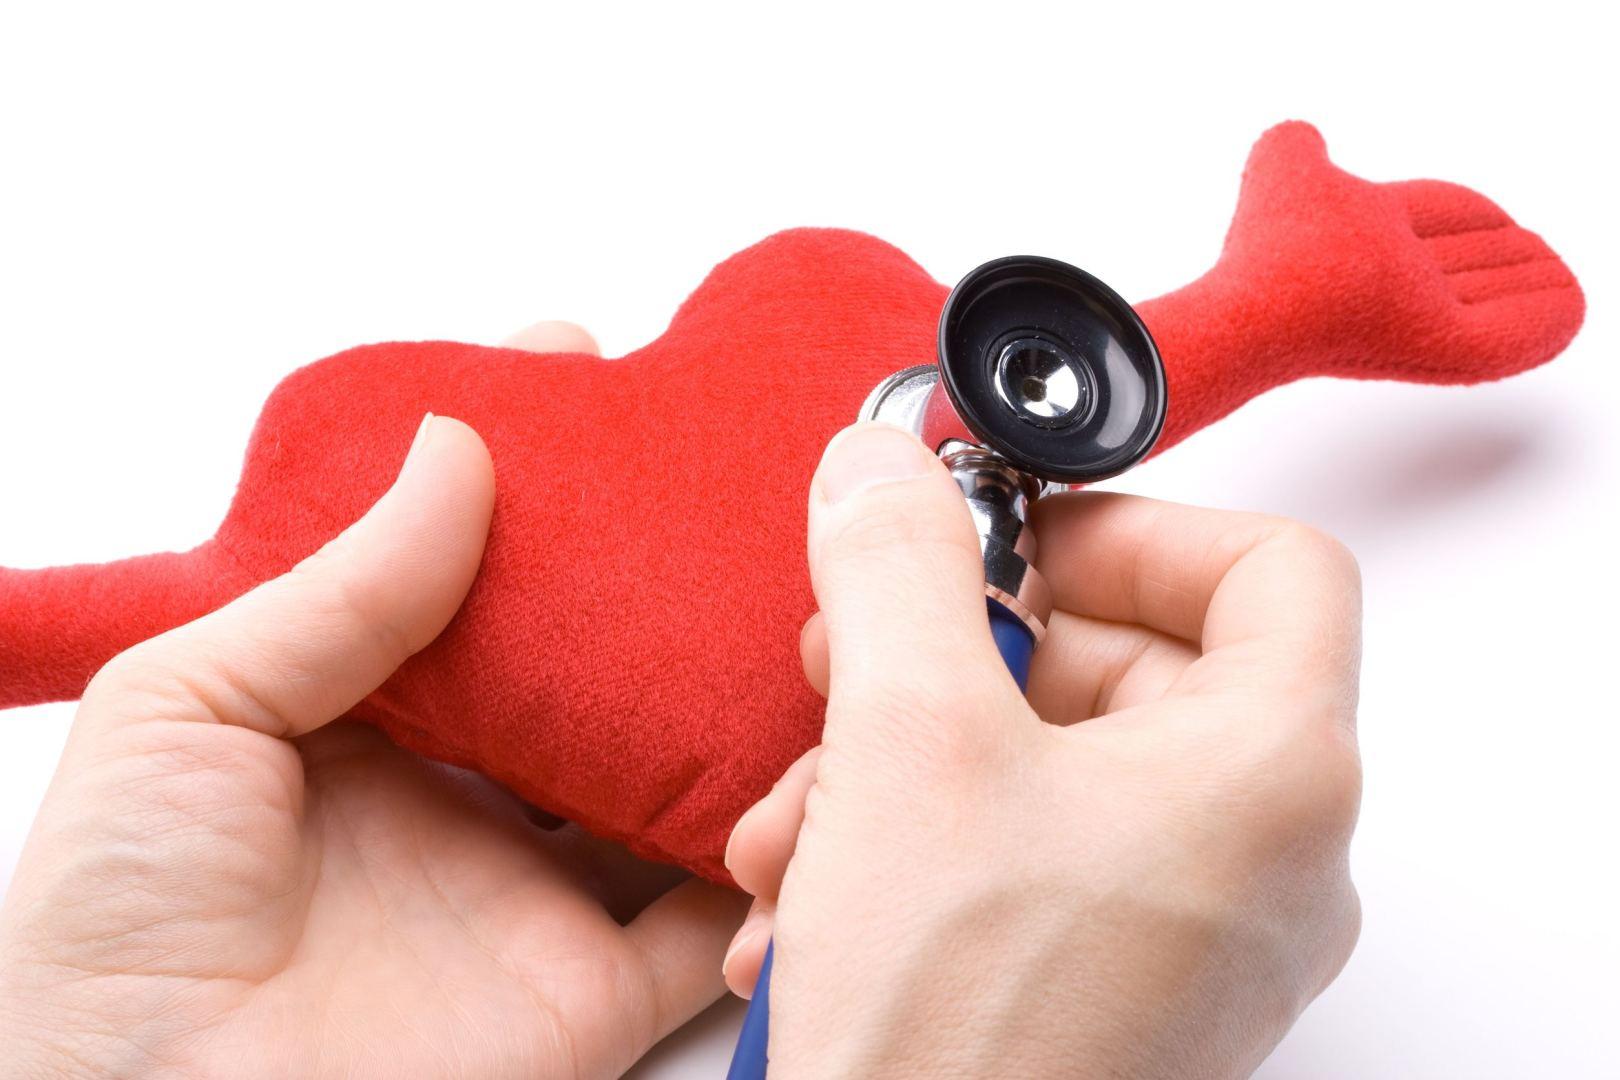 Norint patikrinti širdies veikimą, įmerkite pirštus į šaltą vandenį. Štai kodėl!